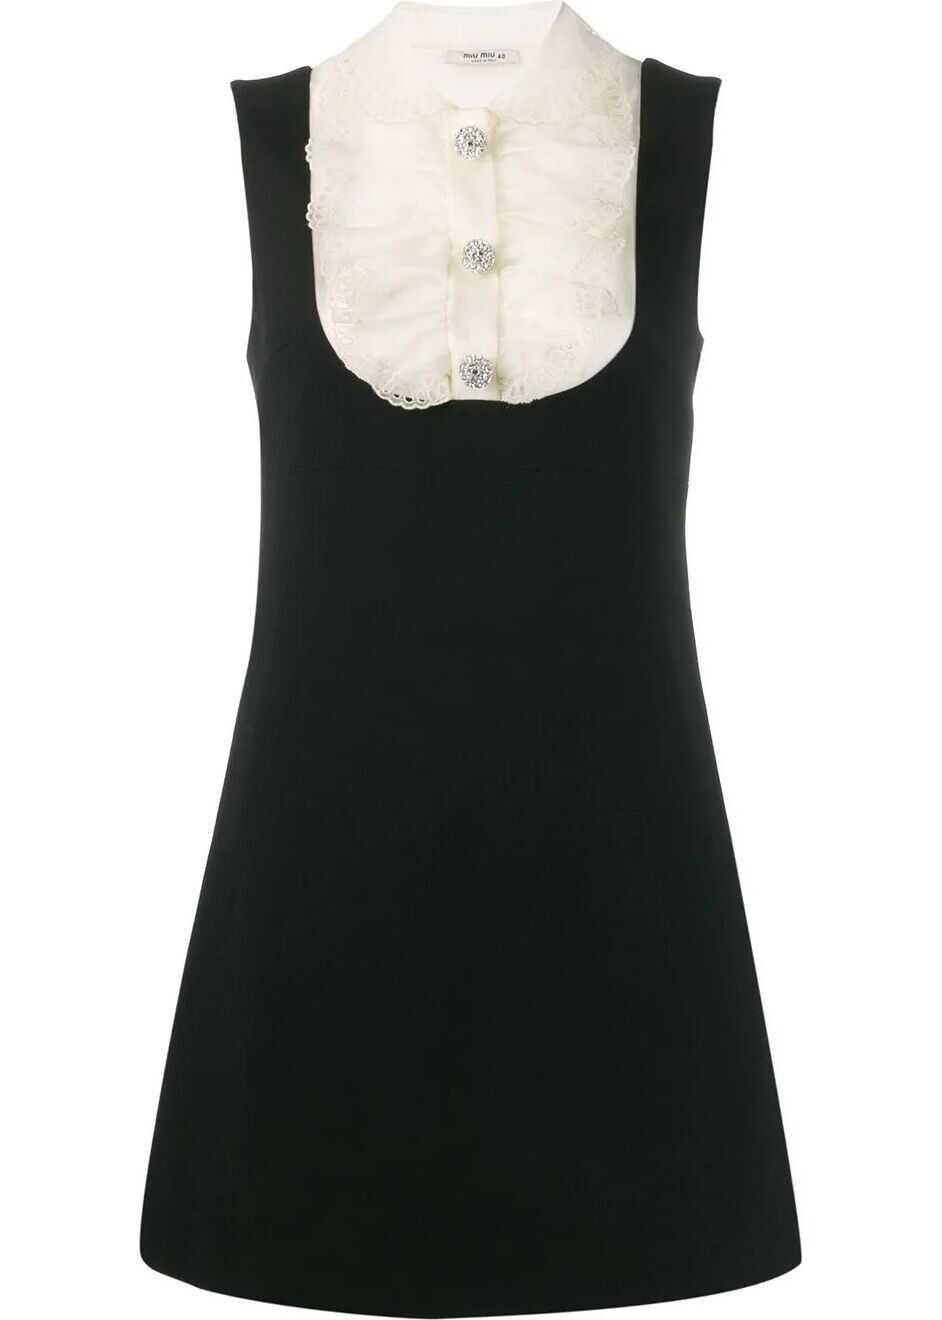 Miu Miu Silk Dress BLACK